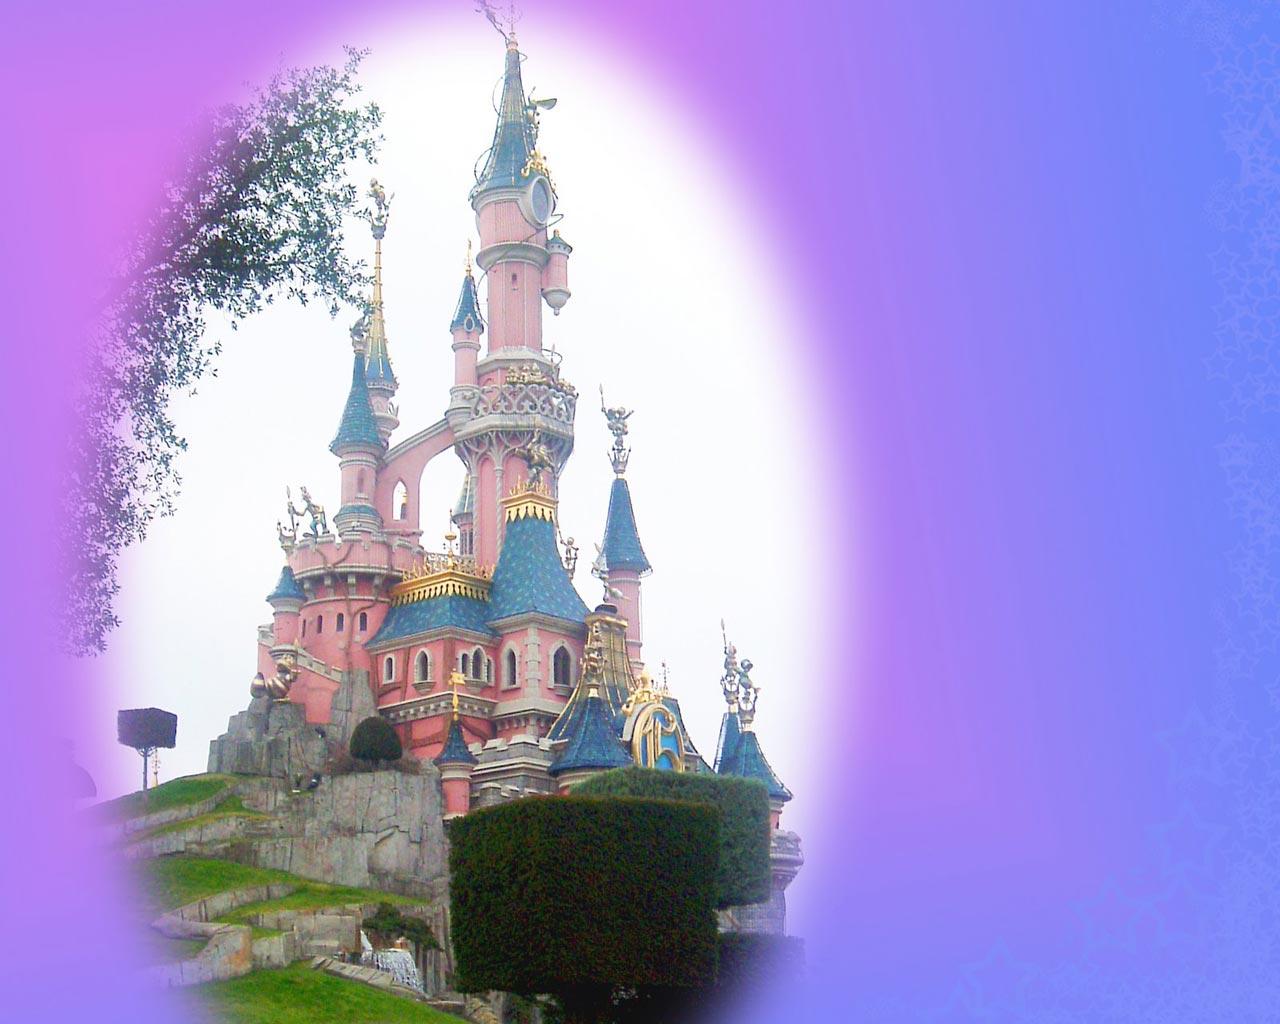 Disney Castle Wallpaper 375 Hd Wallpapers in Cartoons   Imagesci 1280x1024